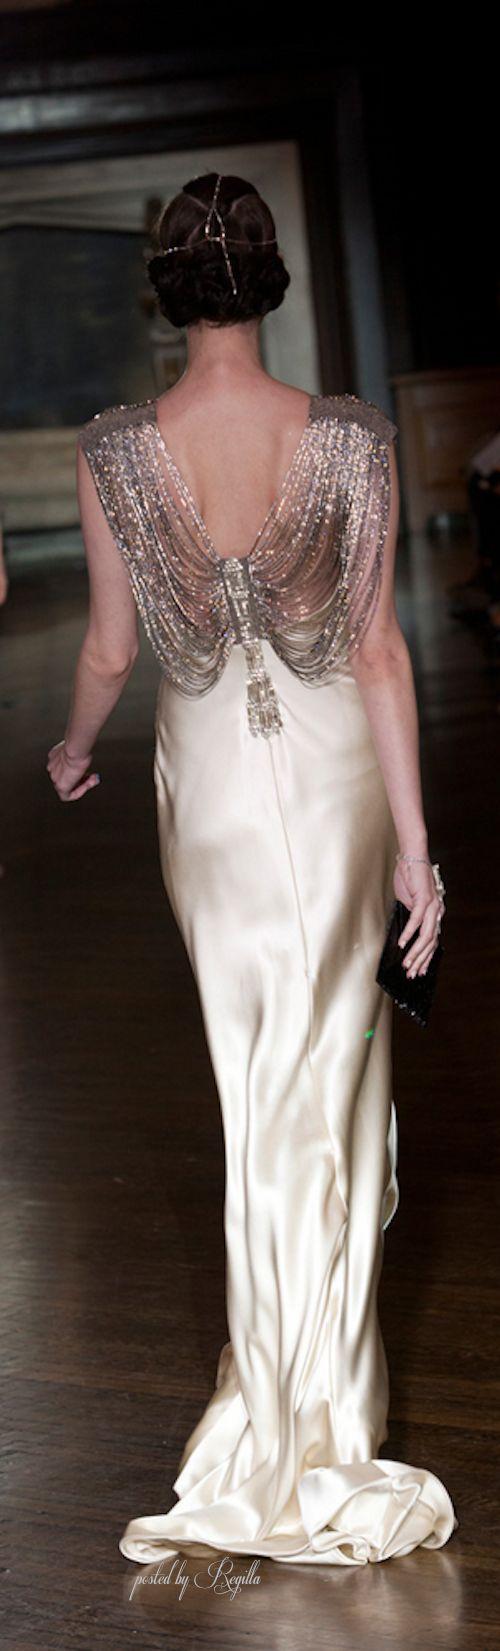 photo tenue mariée pas cher 042 et plus encore sur www.robe2mariage.eu